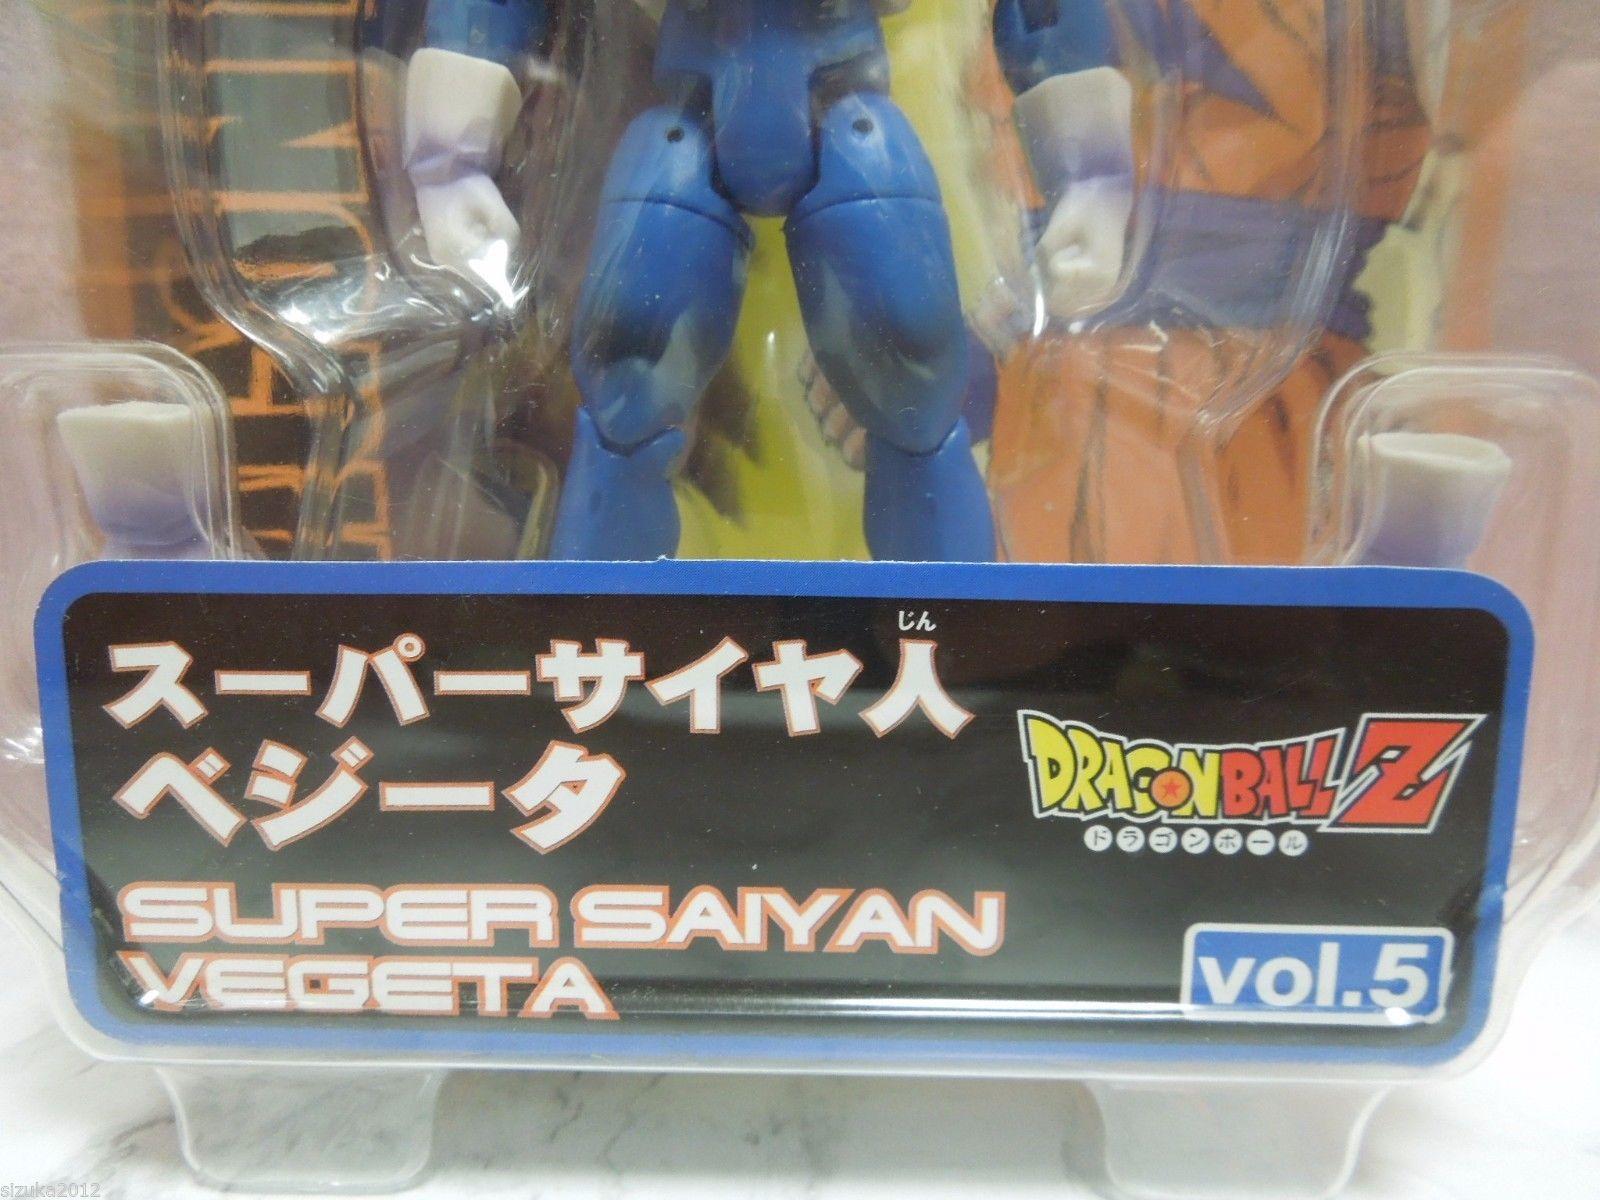 Ultimate Figure Full Action – Vol. 5 Super Saiyan Vegeta